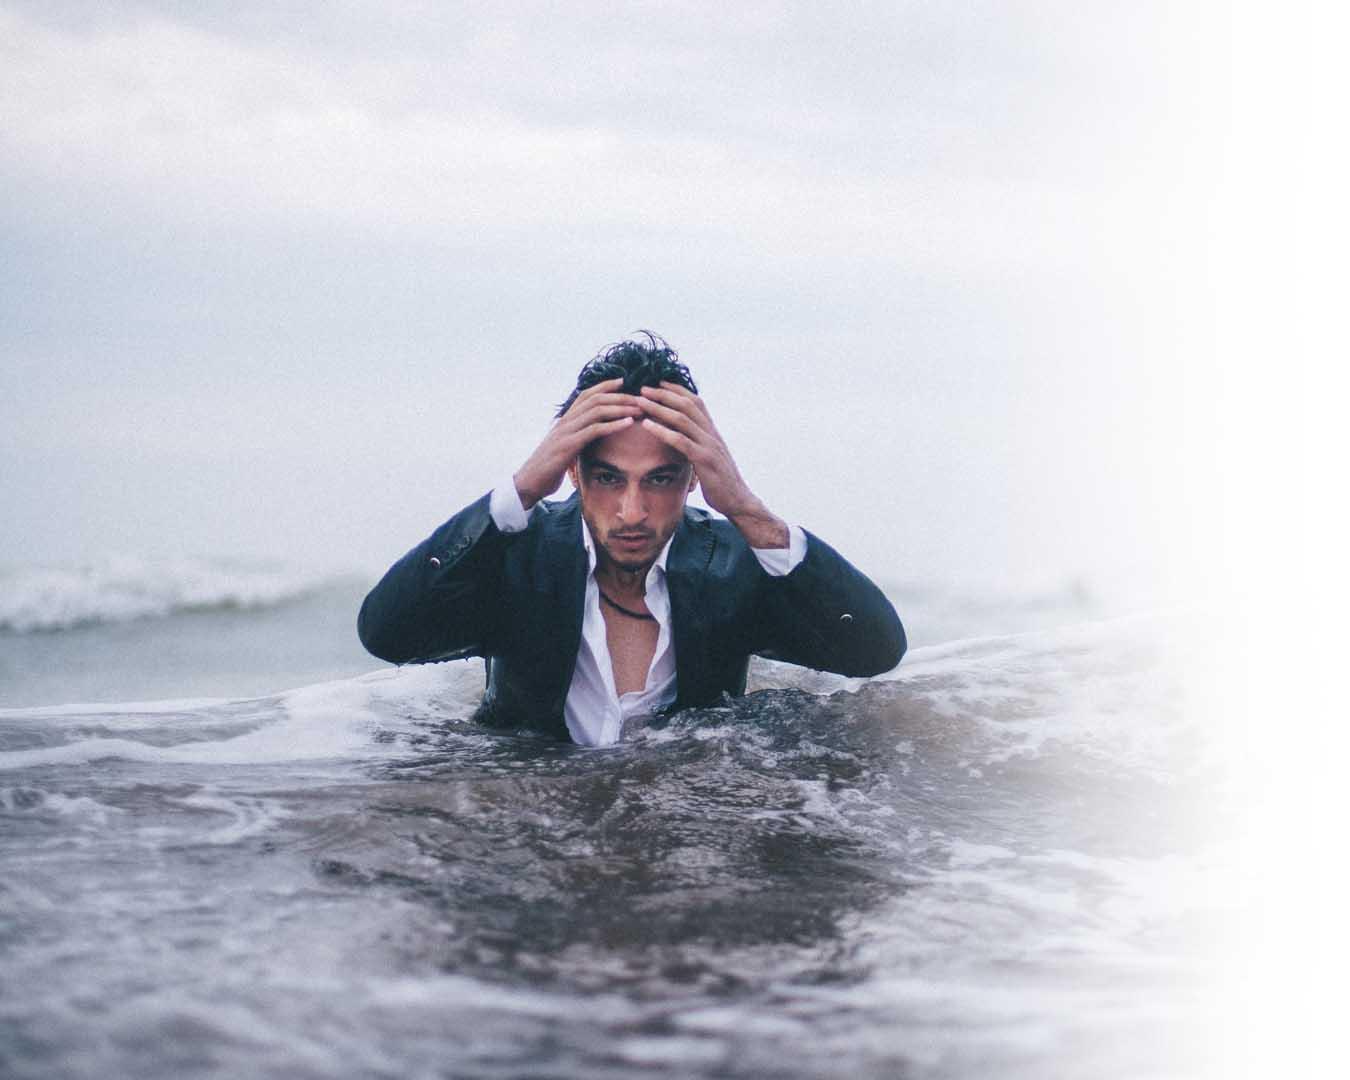 Changement dans votre vie qui vous stresse : job actuel stressant, nouveau job, naissance, séparation, examen, concours, scolarité stressante...ma puissance mentale